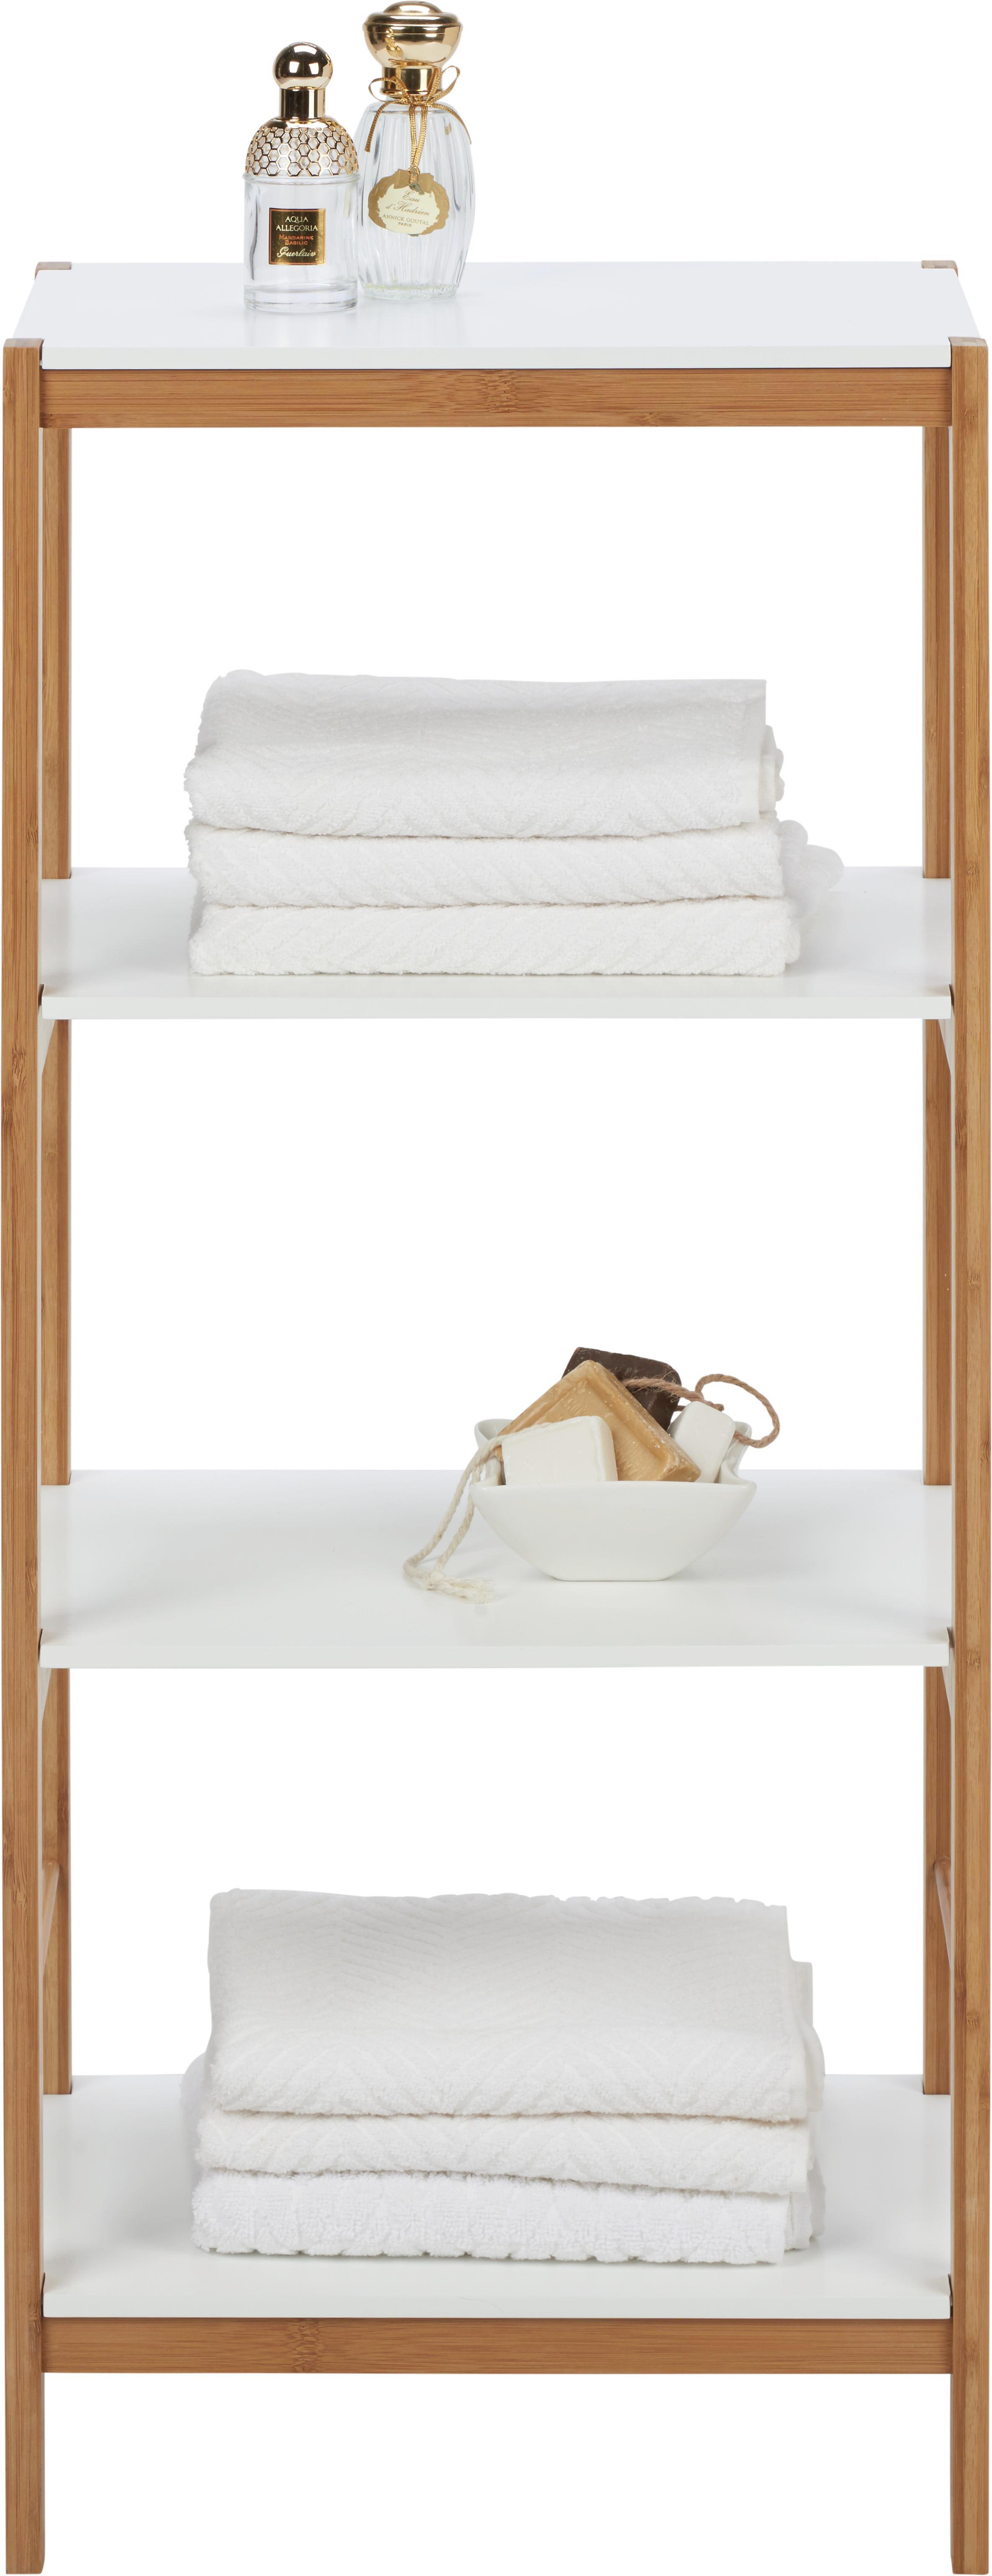 Badezimmerregal Mirella - Naturfarben/Weiß, KONVENTIONELL, Holz (40/95/30cm) - MÖMAX modern living